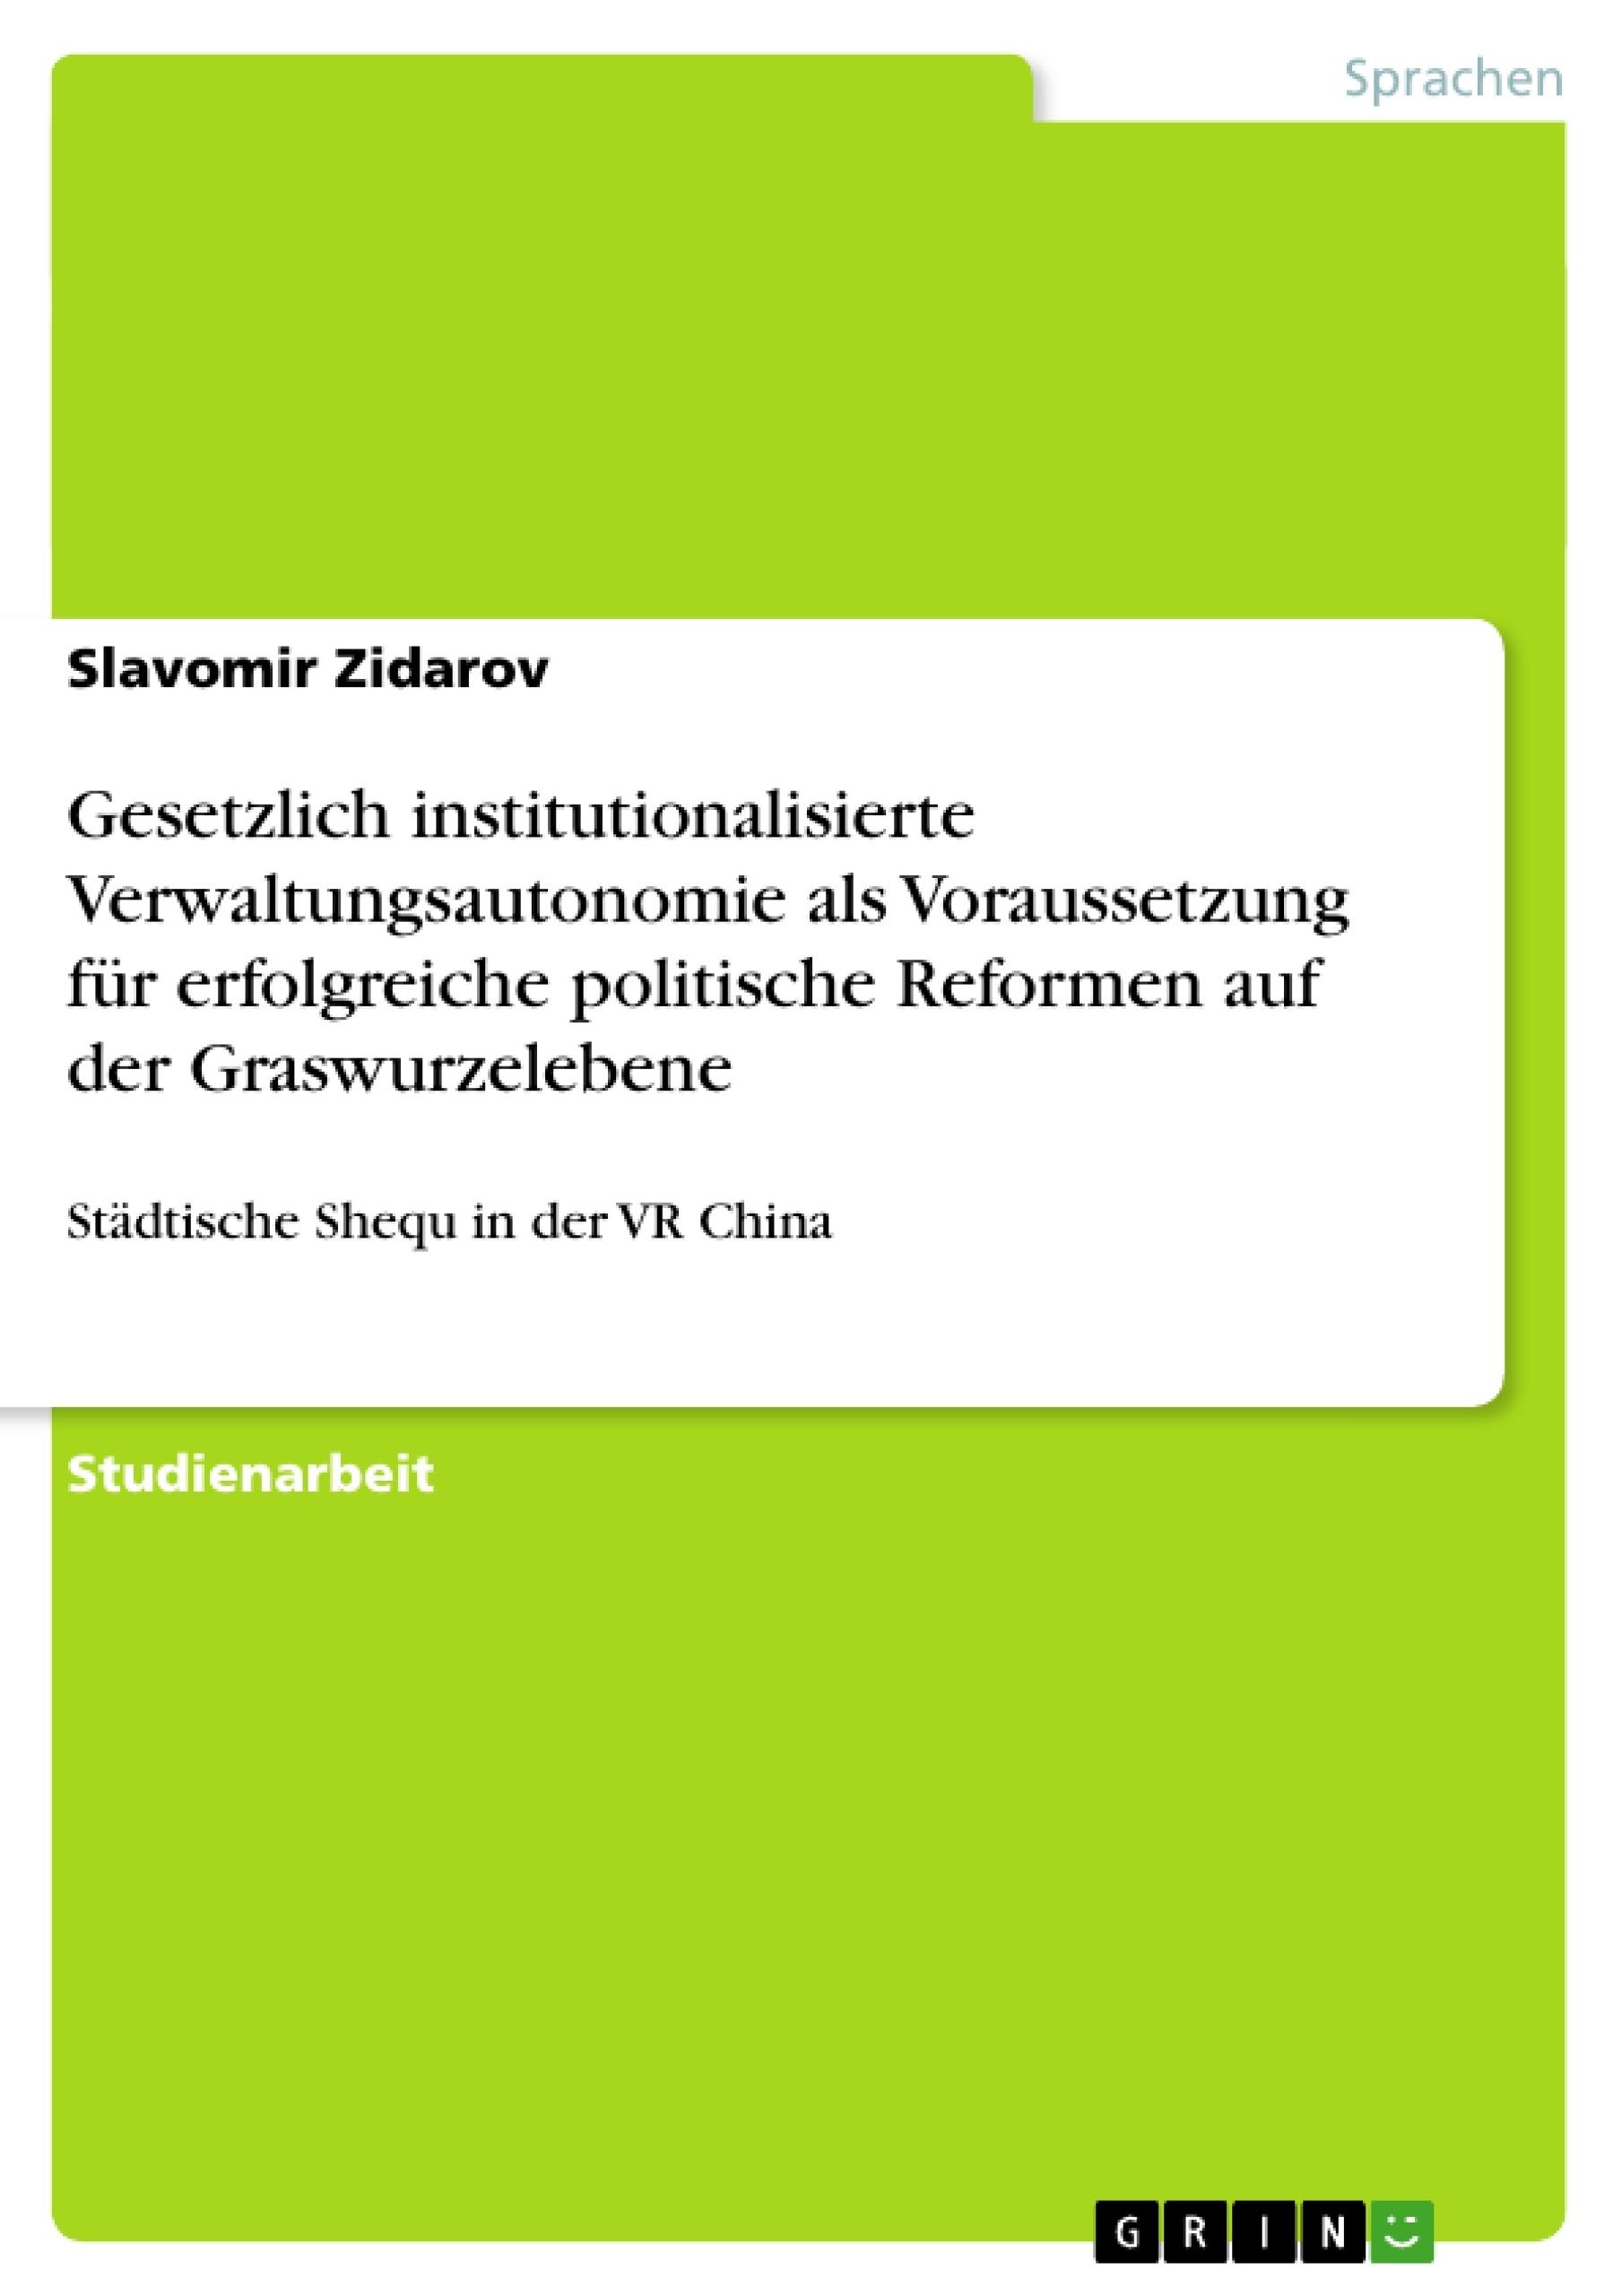 Titel: Gesetzlich institutionalisierte Verwaltungsautonomie als Voraussetzung für erfolgreiche politische Reformen auf der Graswurzelebene